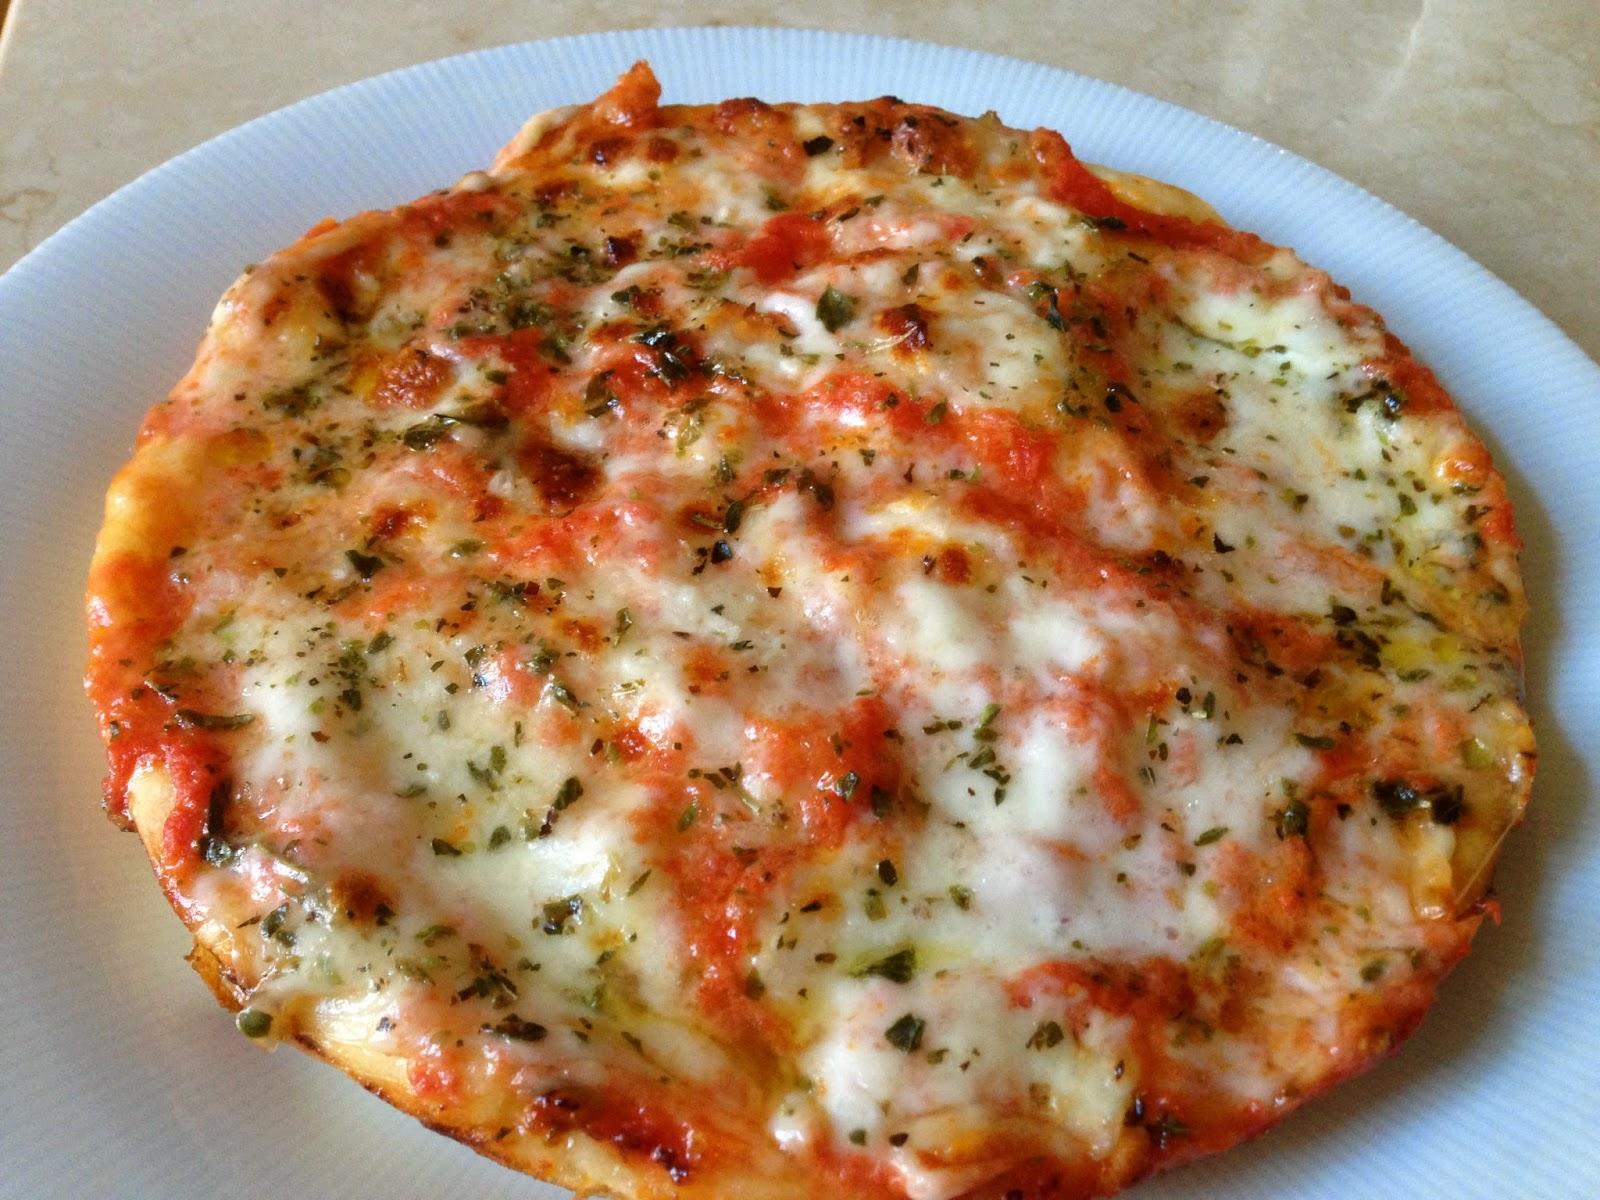 La pizza al padellino di torino fatta in casa la ricetta for Pizza in casa